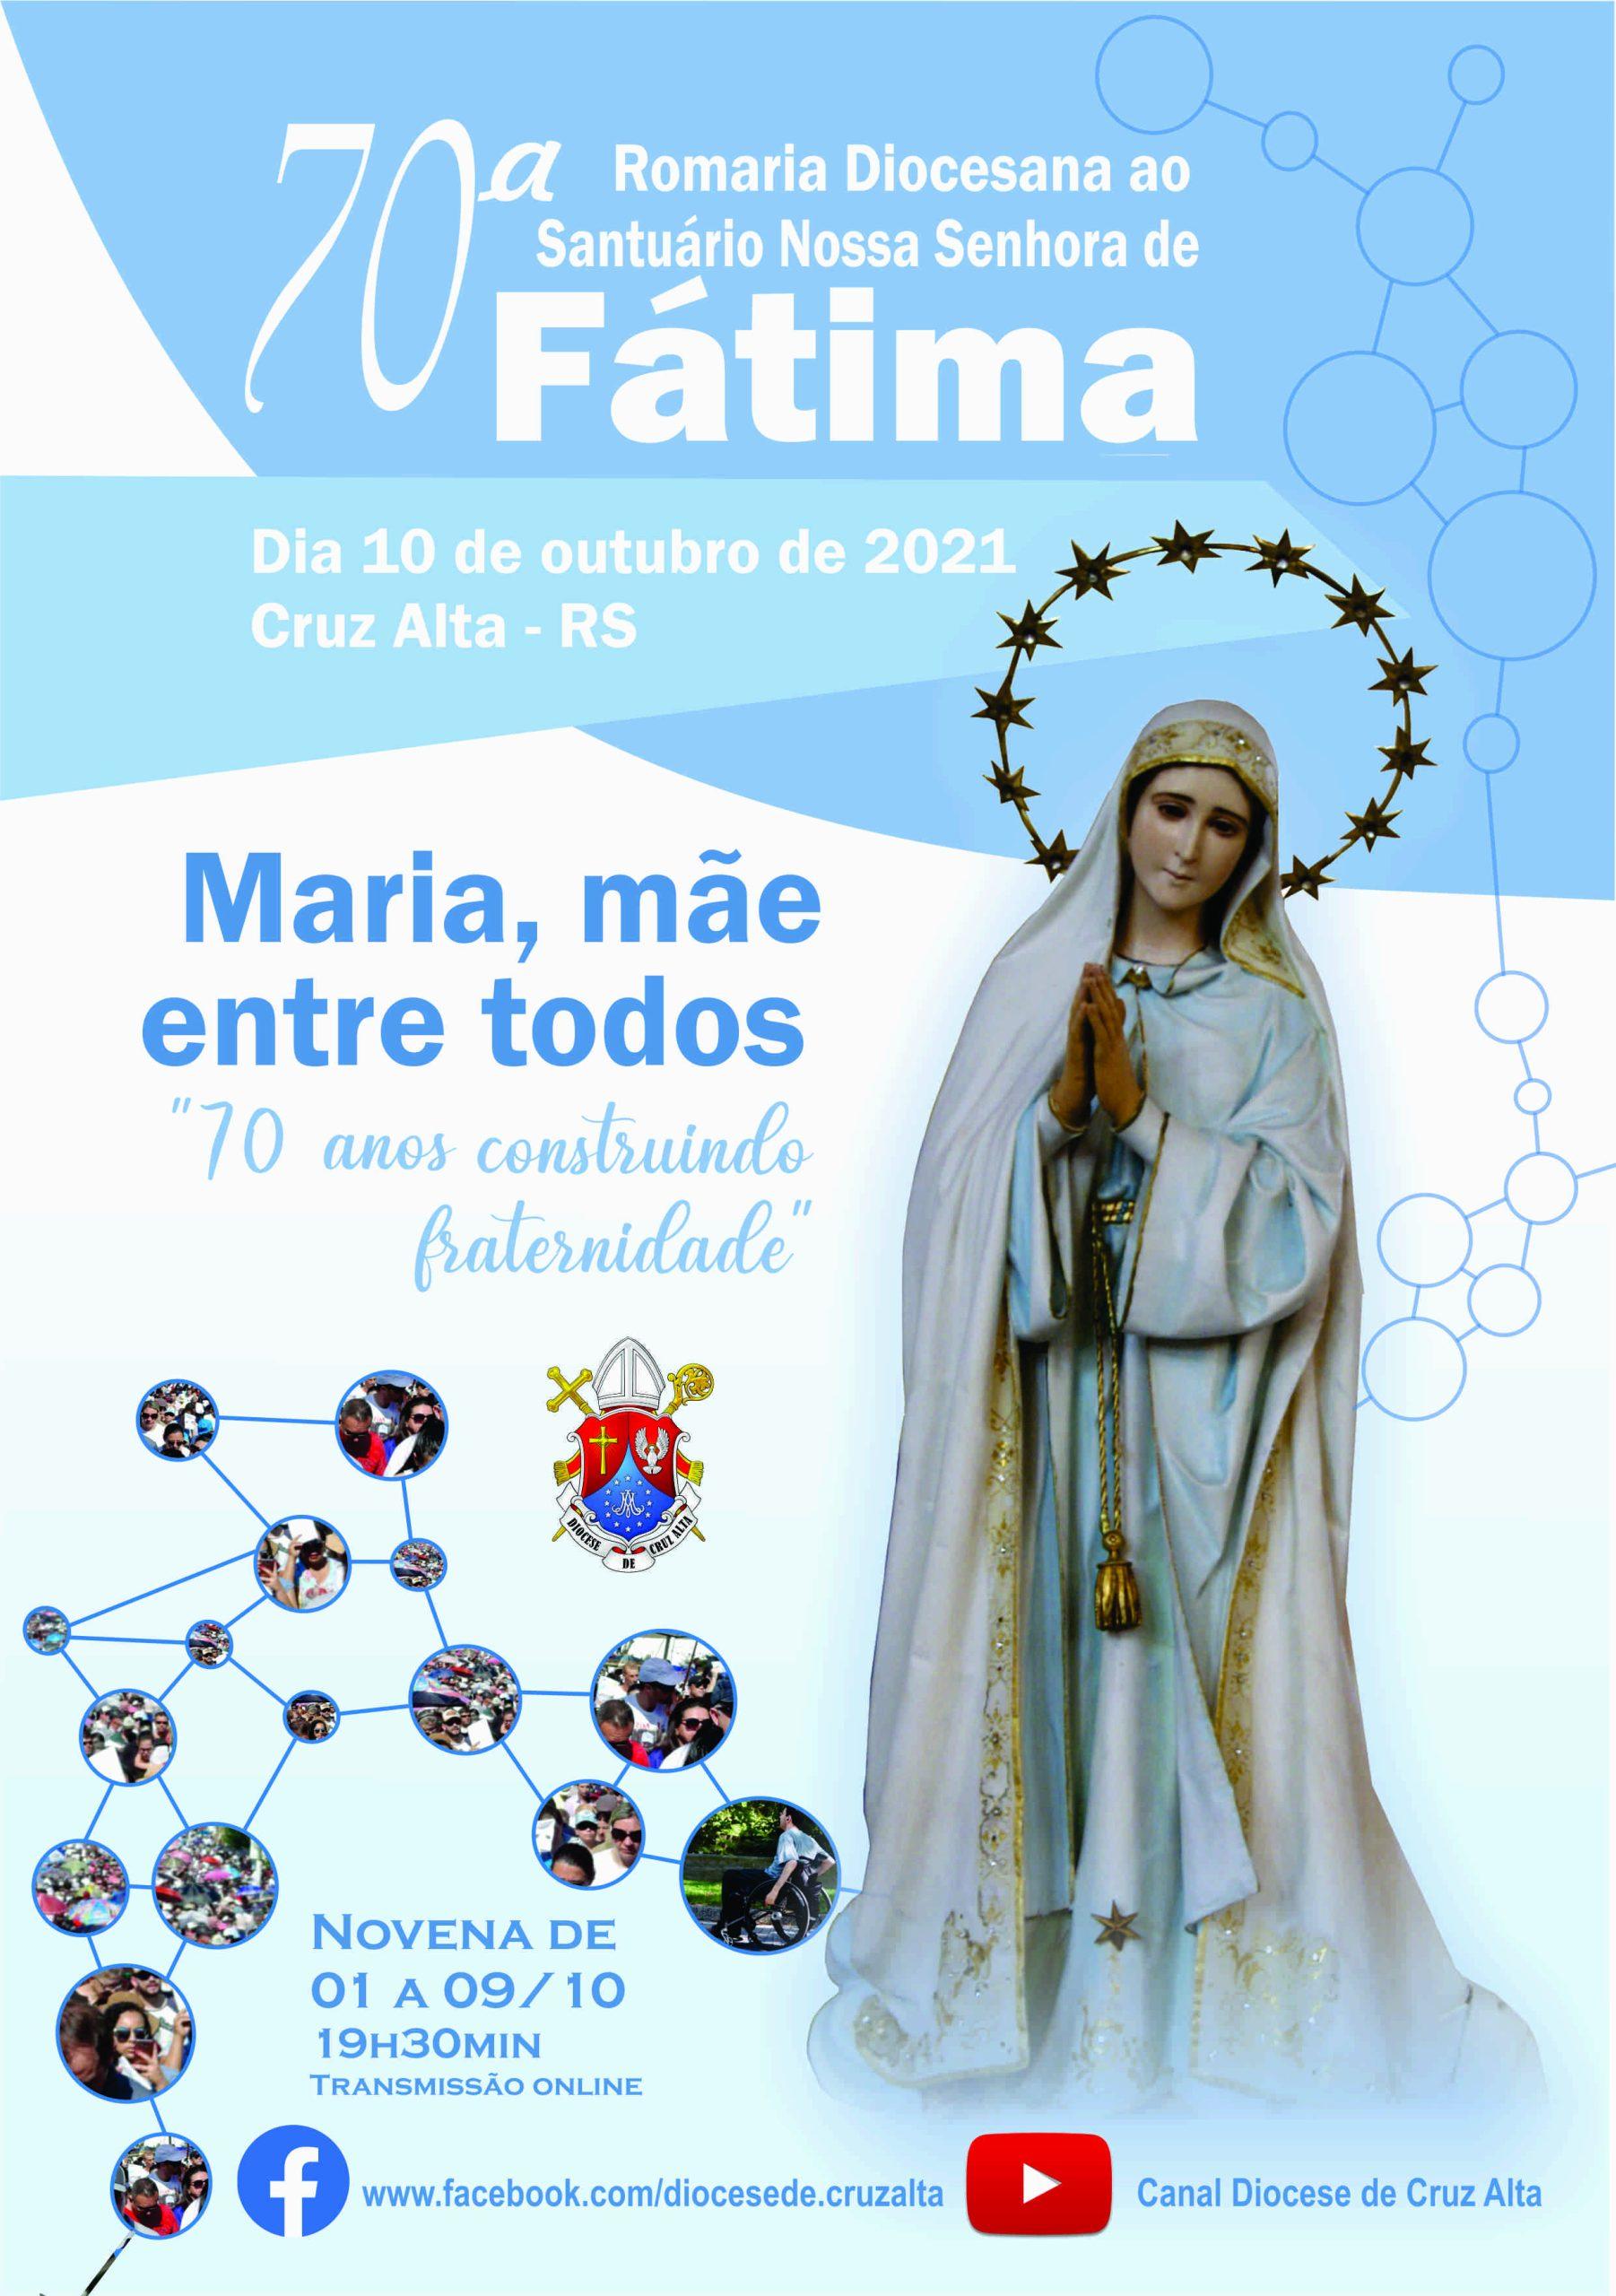 70ª Romaria de Nossa Senhora de Fátima de Cruz Alta começa com novena nesta sexta-feira